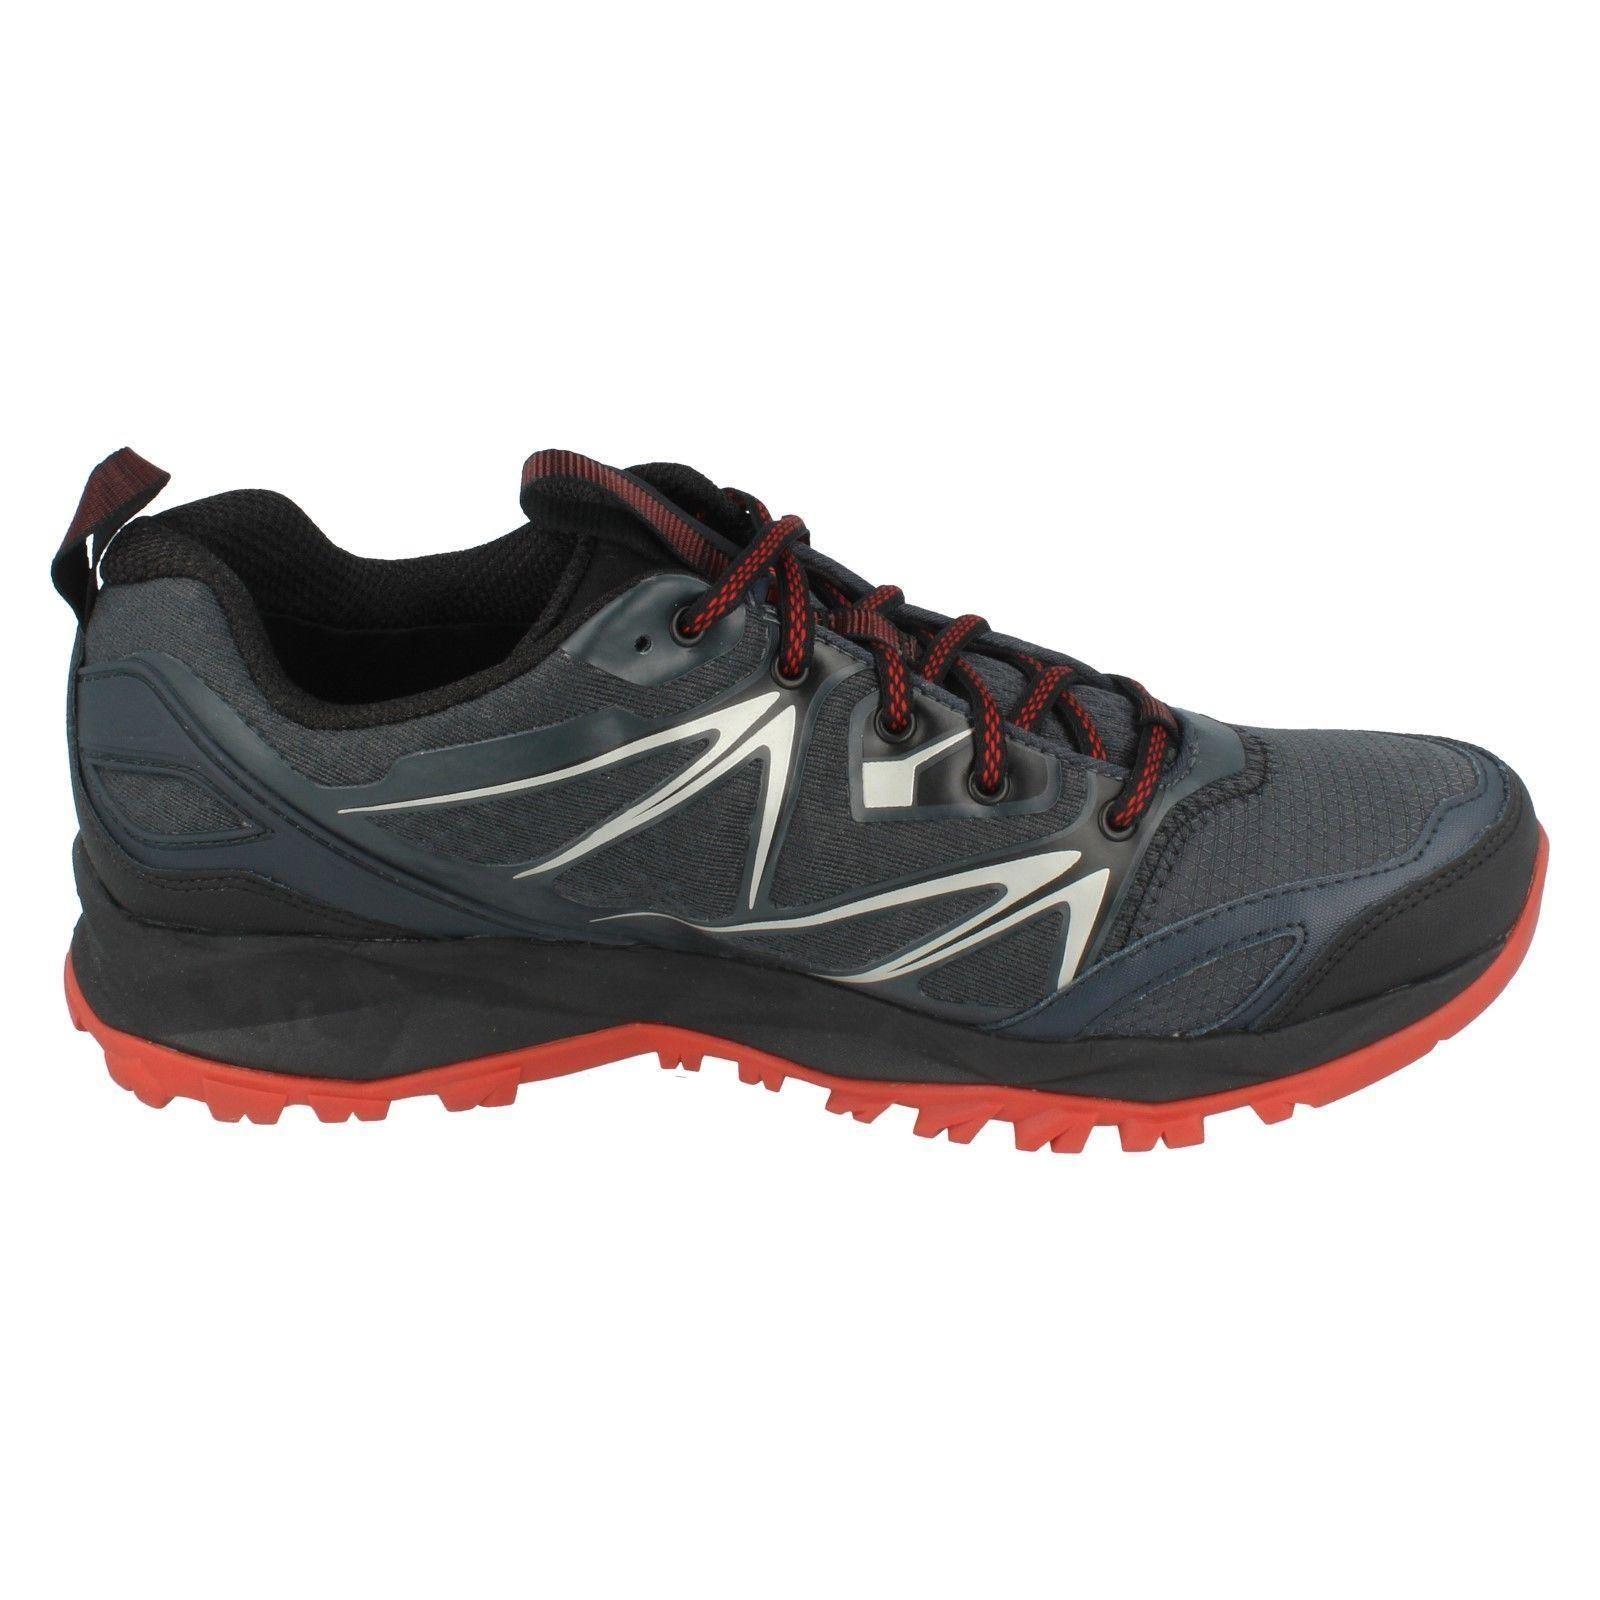 Mens Merrell Capra Bolt Gore-Tex Hiking Shoes- J35727